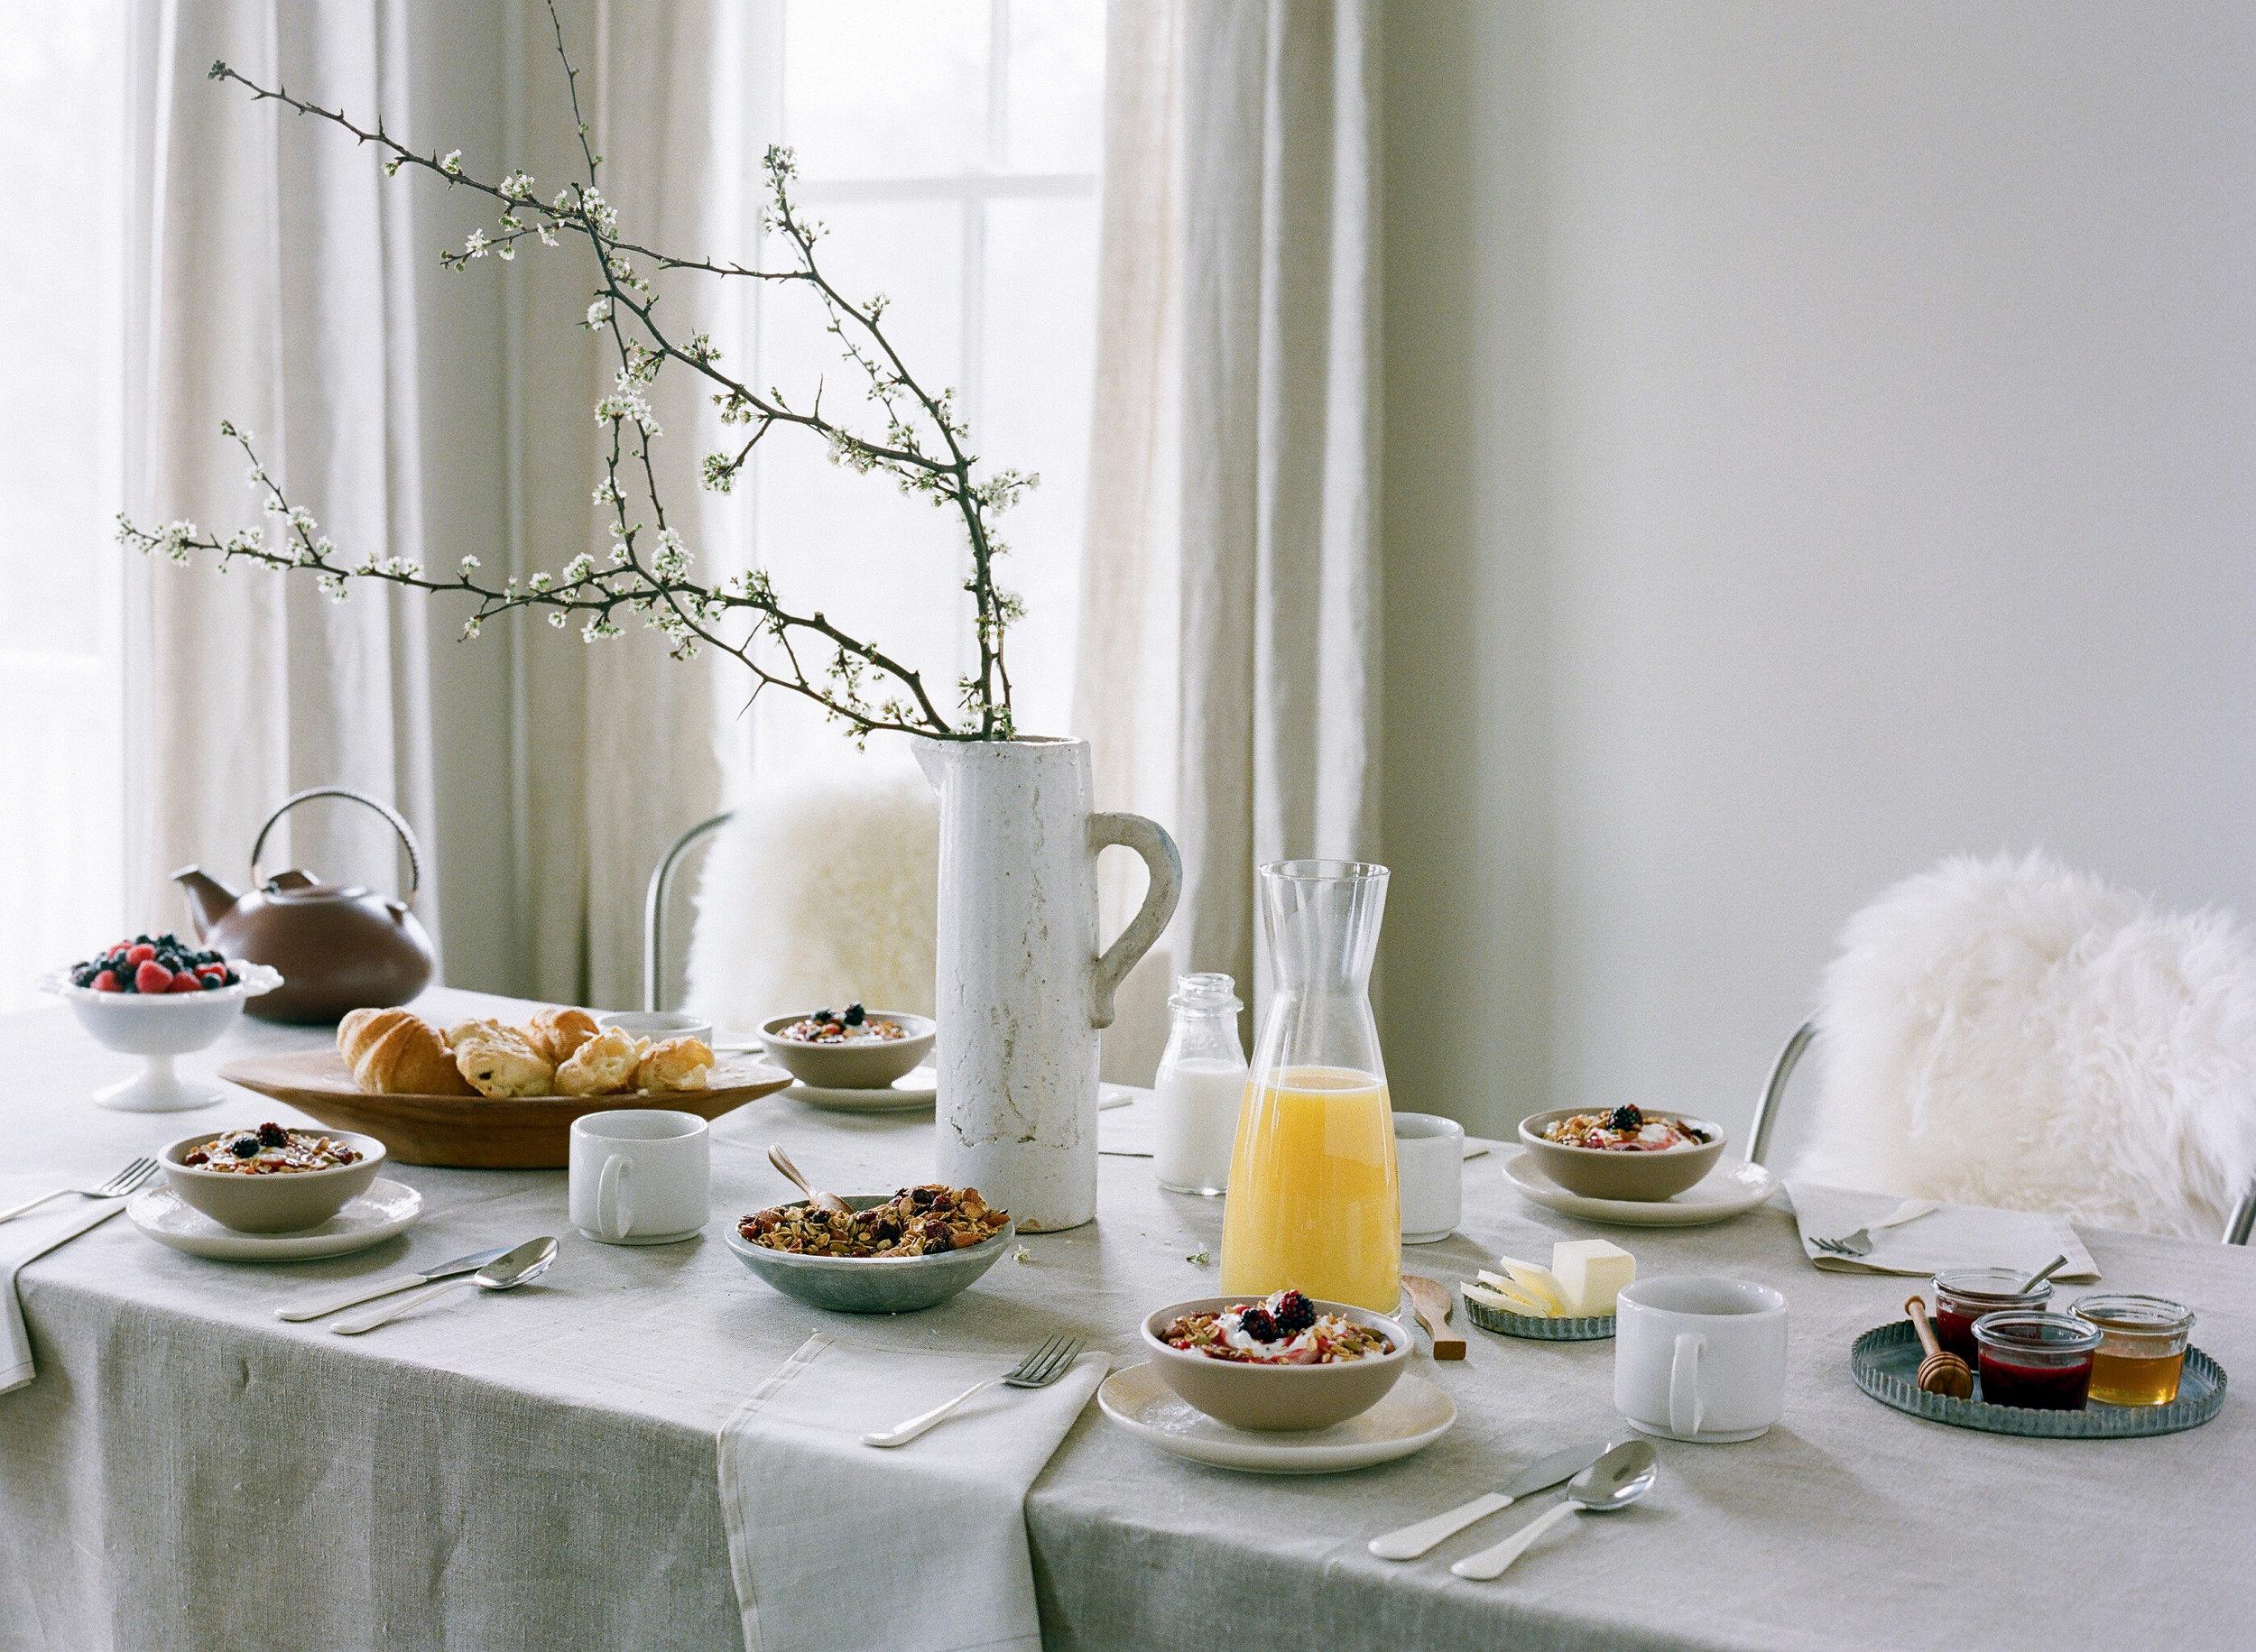 29886-6317120-aliharper_kinfolk_breakfast-table.jpg